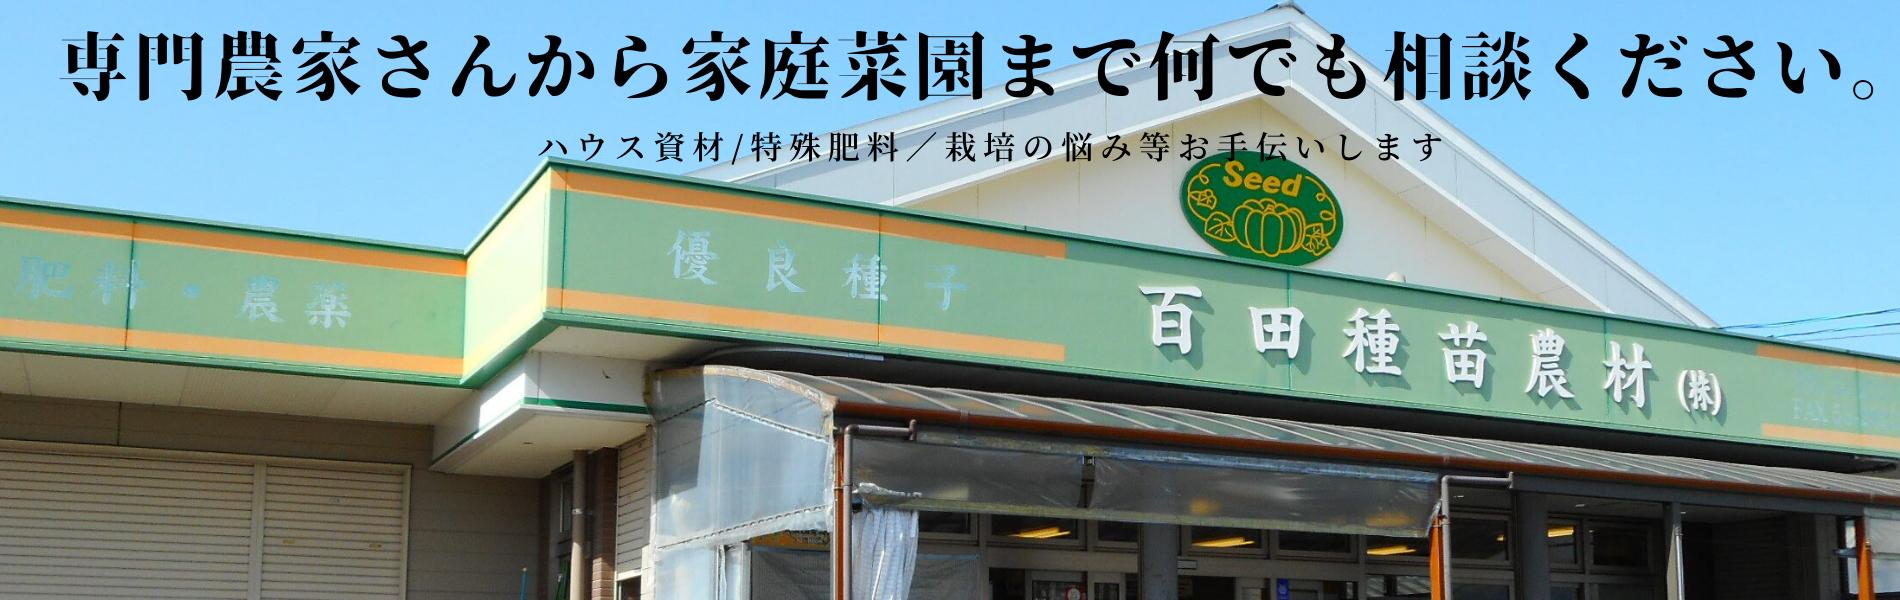 百田種苗農材(株)